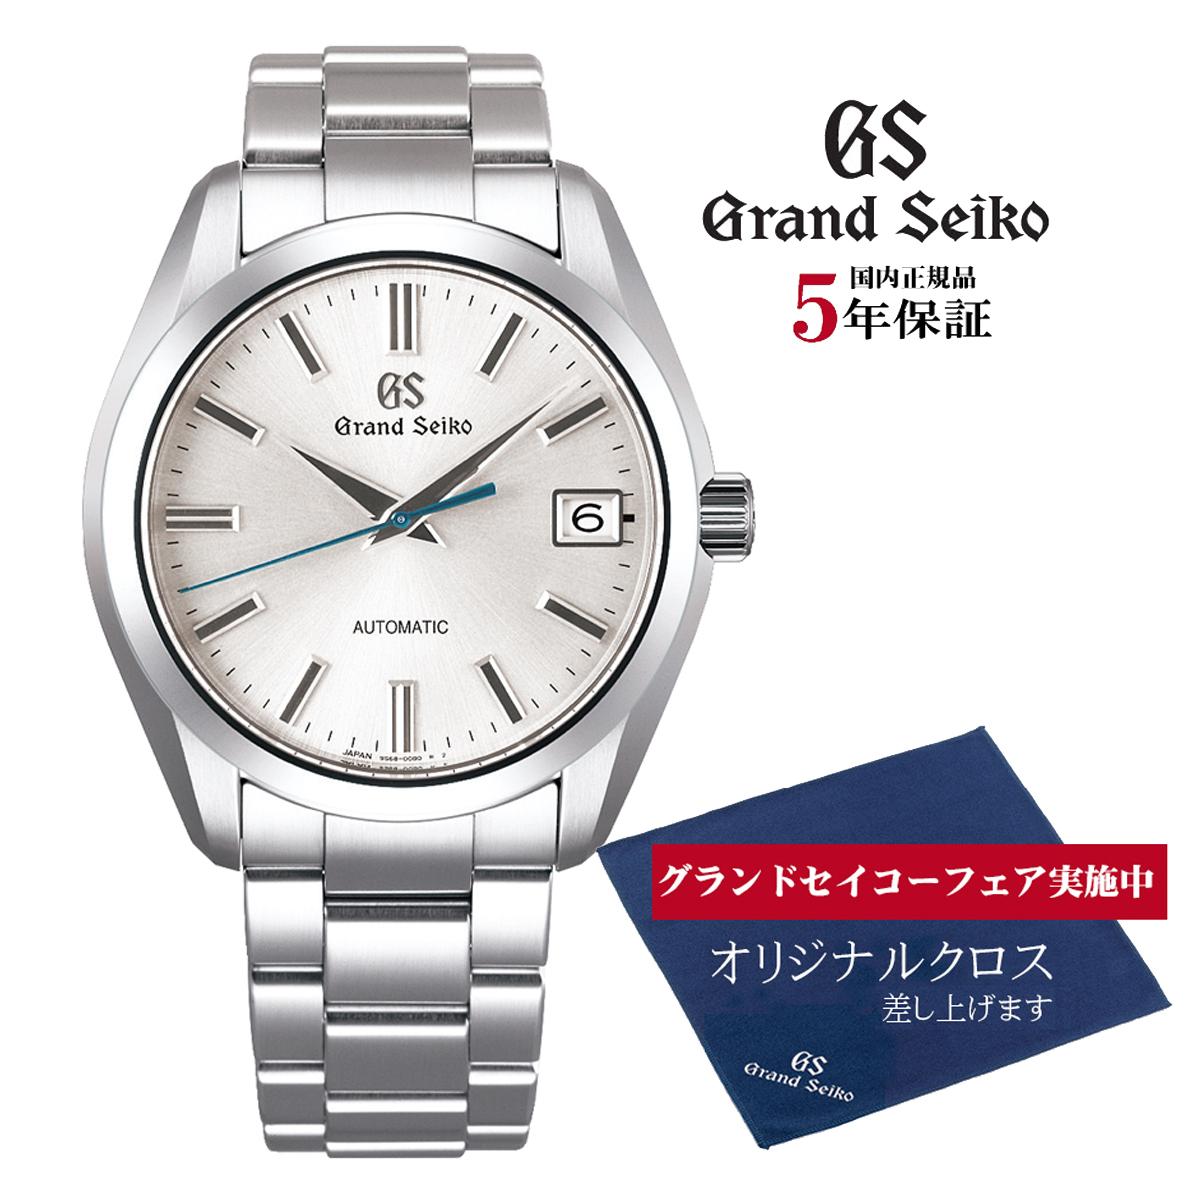 グランドセイコー Grand Seiko 正規メーカー保証3年 SBGR307 9Sメカニカル 正規品 腕時計